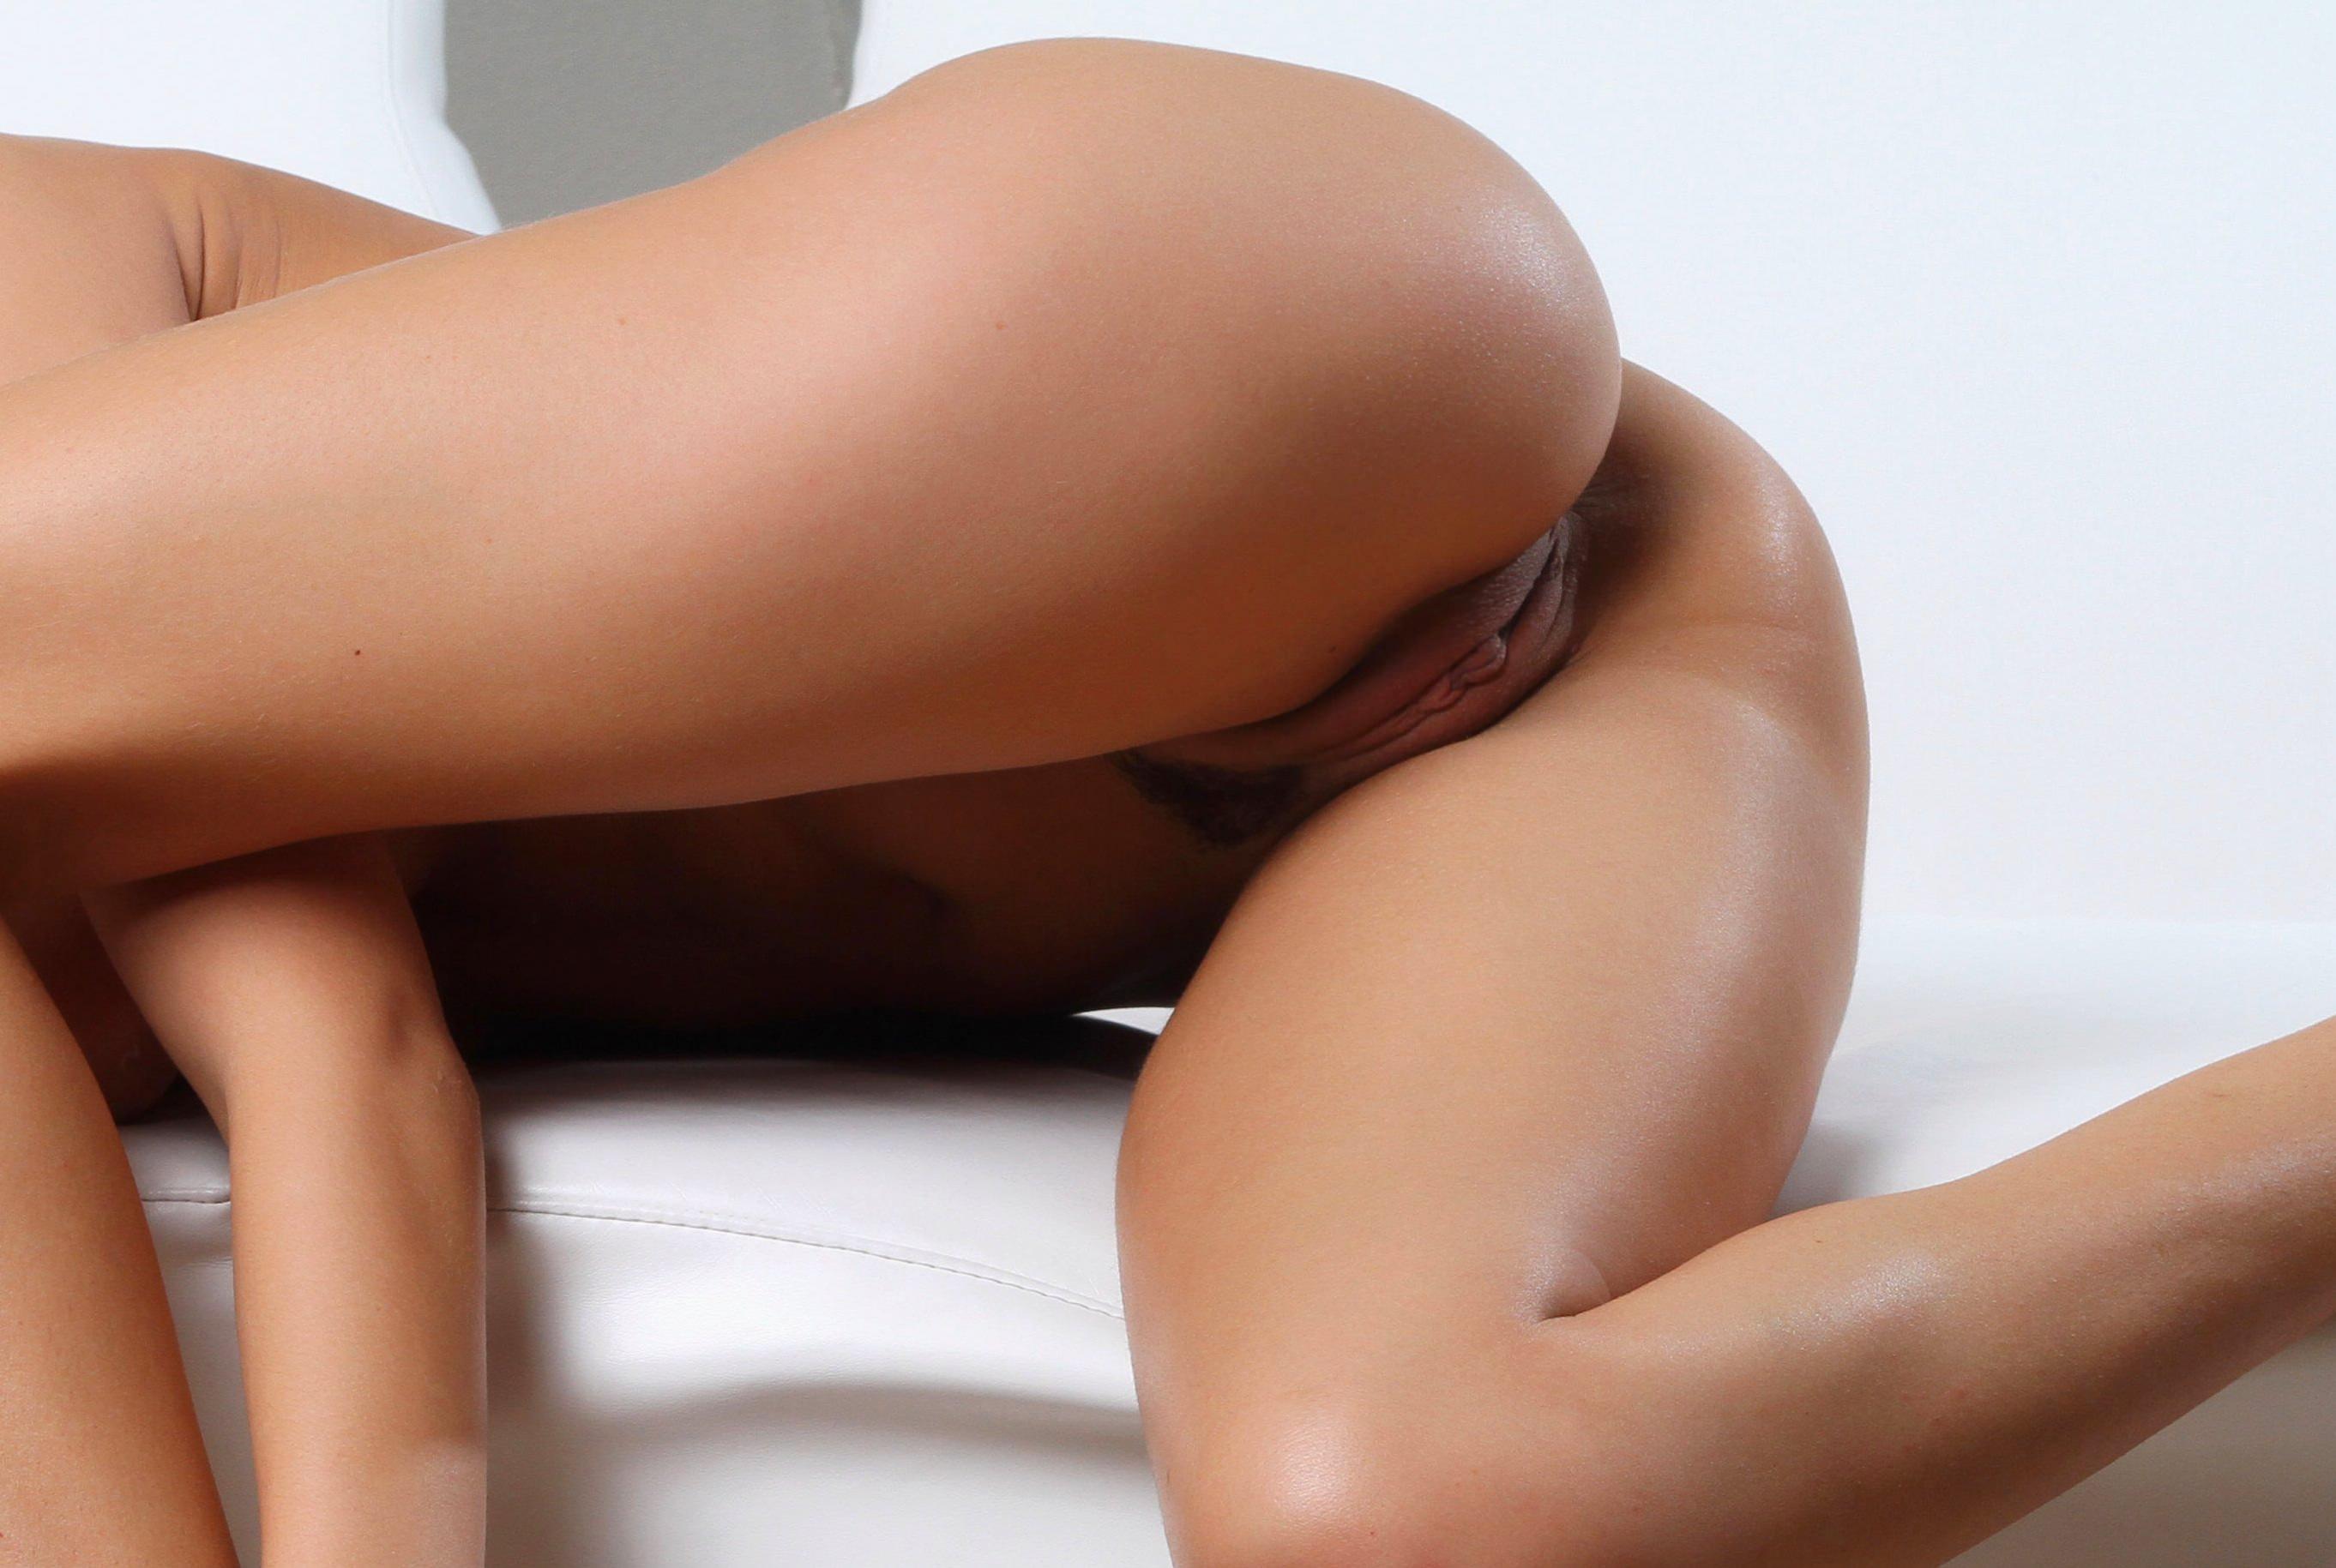 Фото красивых голых девушек с упругой попкой 19 фотография